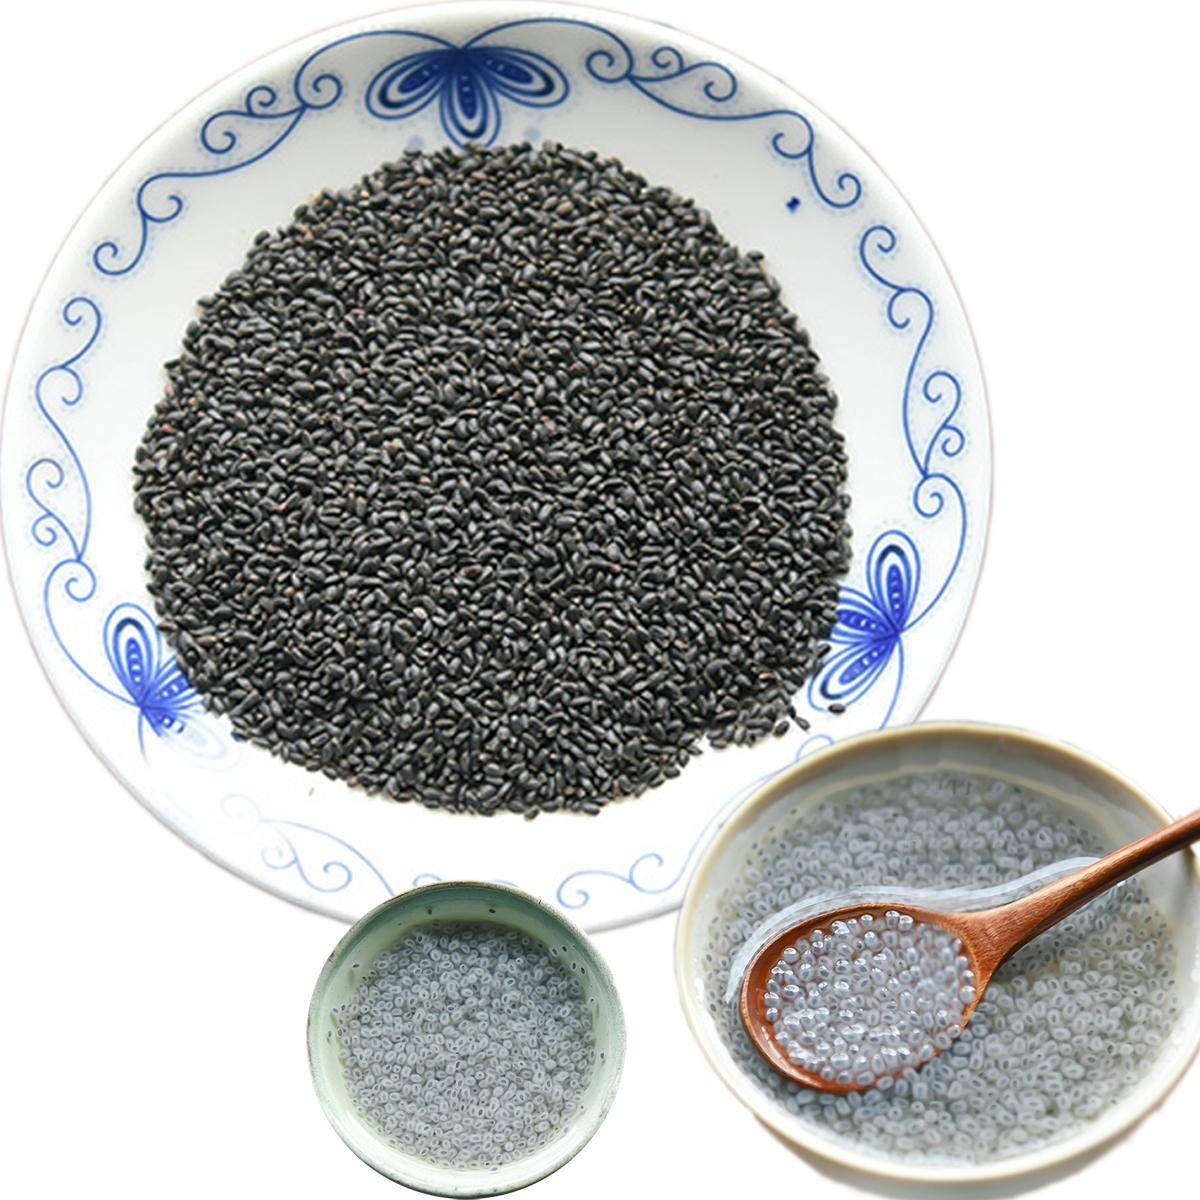 Preferencia premium orgánica seca Semillas Lan Xiangzi albahaca china especializado a base de plantas de té de Nueva perfumado té de primera calidad sana verde comida a granel